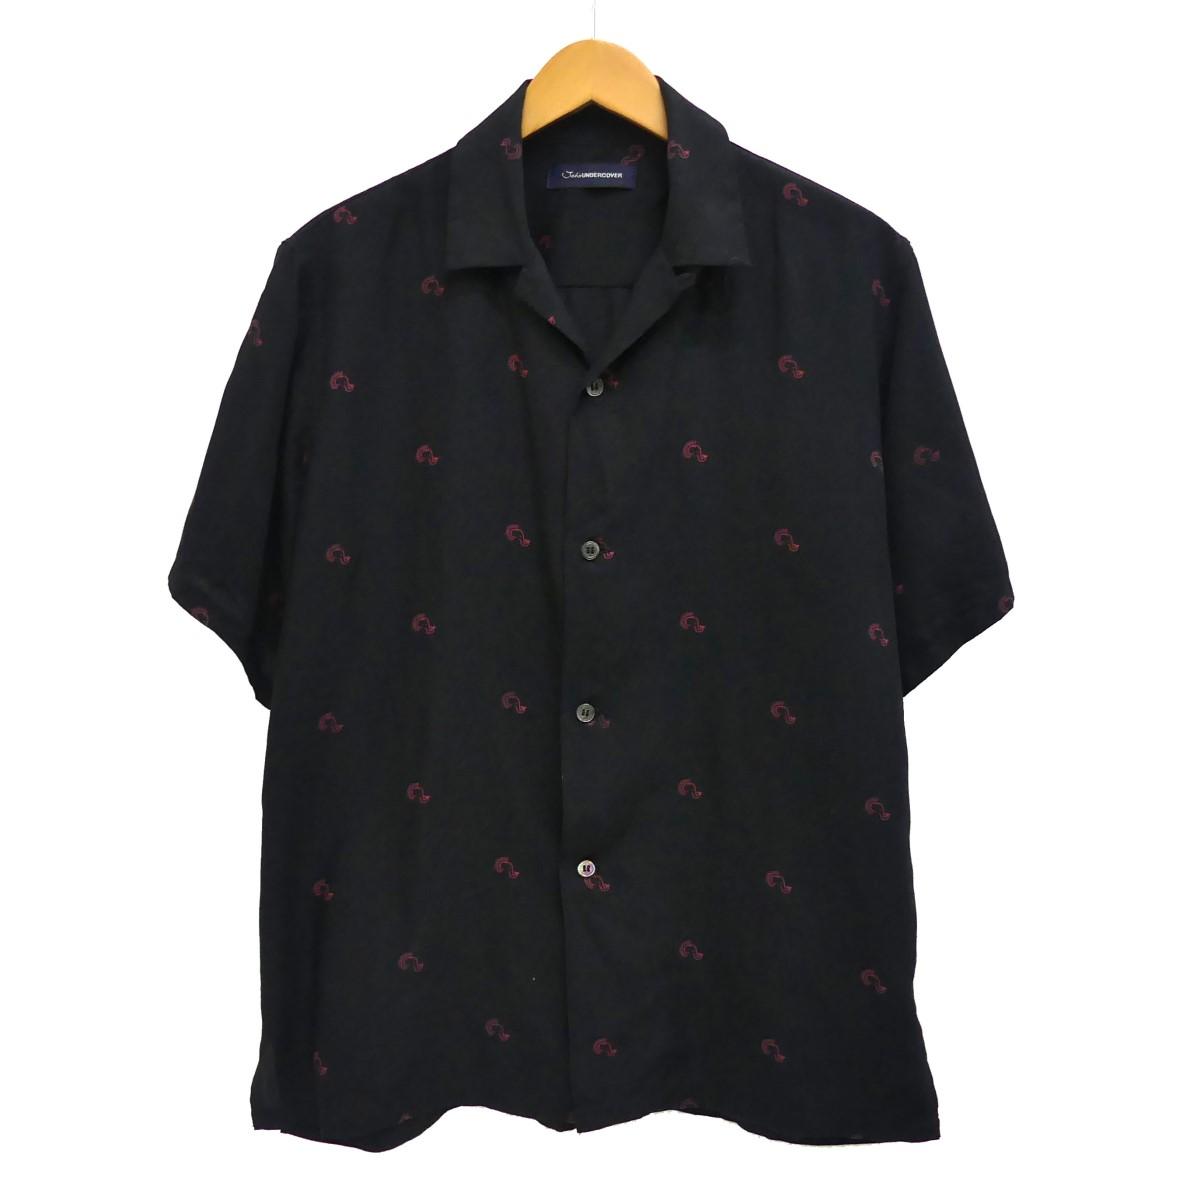 【中古】JohnUNDERCOVER総柄オープンカラーシャツ ブラック サイズ:2